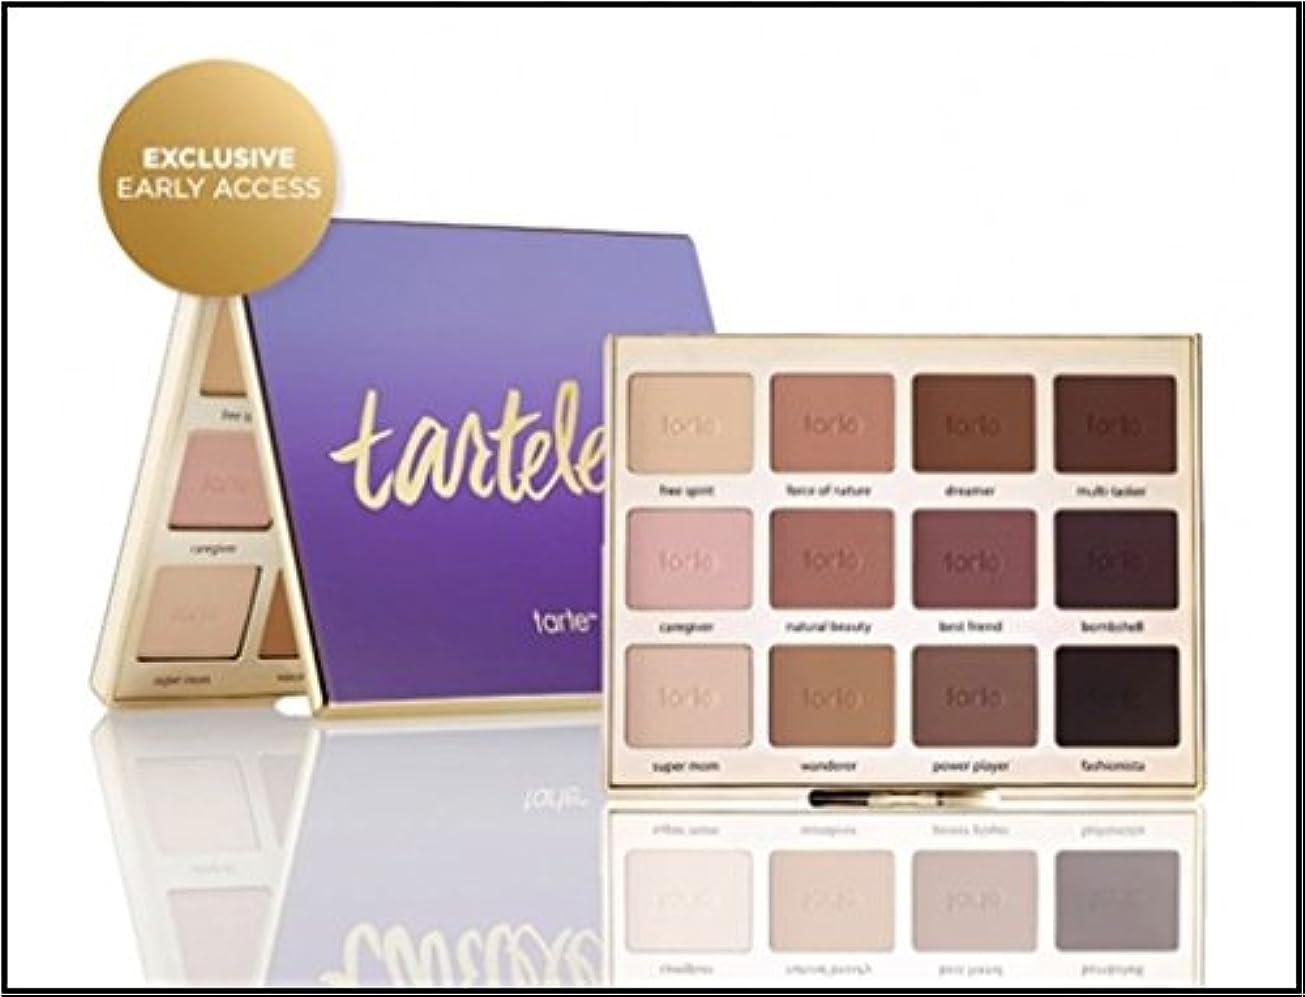 思想墓地思い出すTarte Tartelettonian Clay Matte Eyeshadow Palette (Limited Edition) タルト マットアイシャドーパレット [並行輸入品]e Amaz